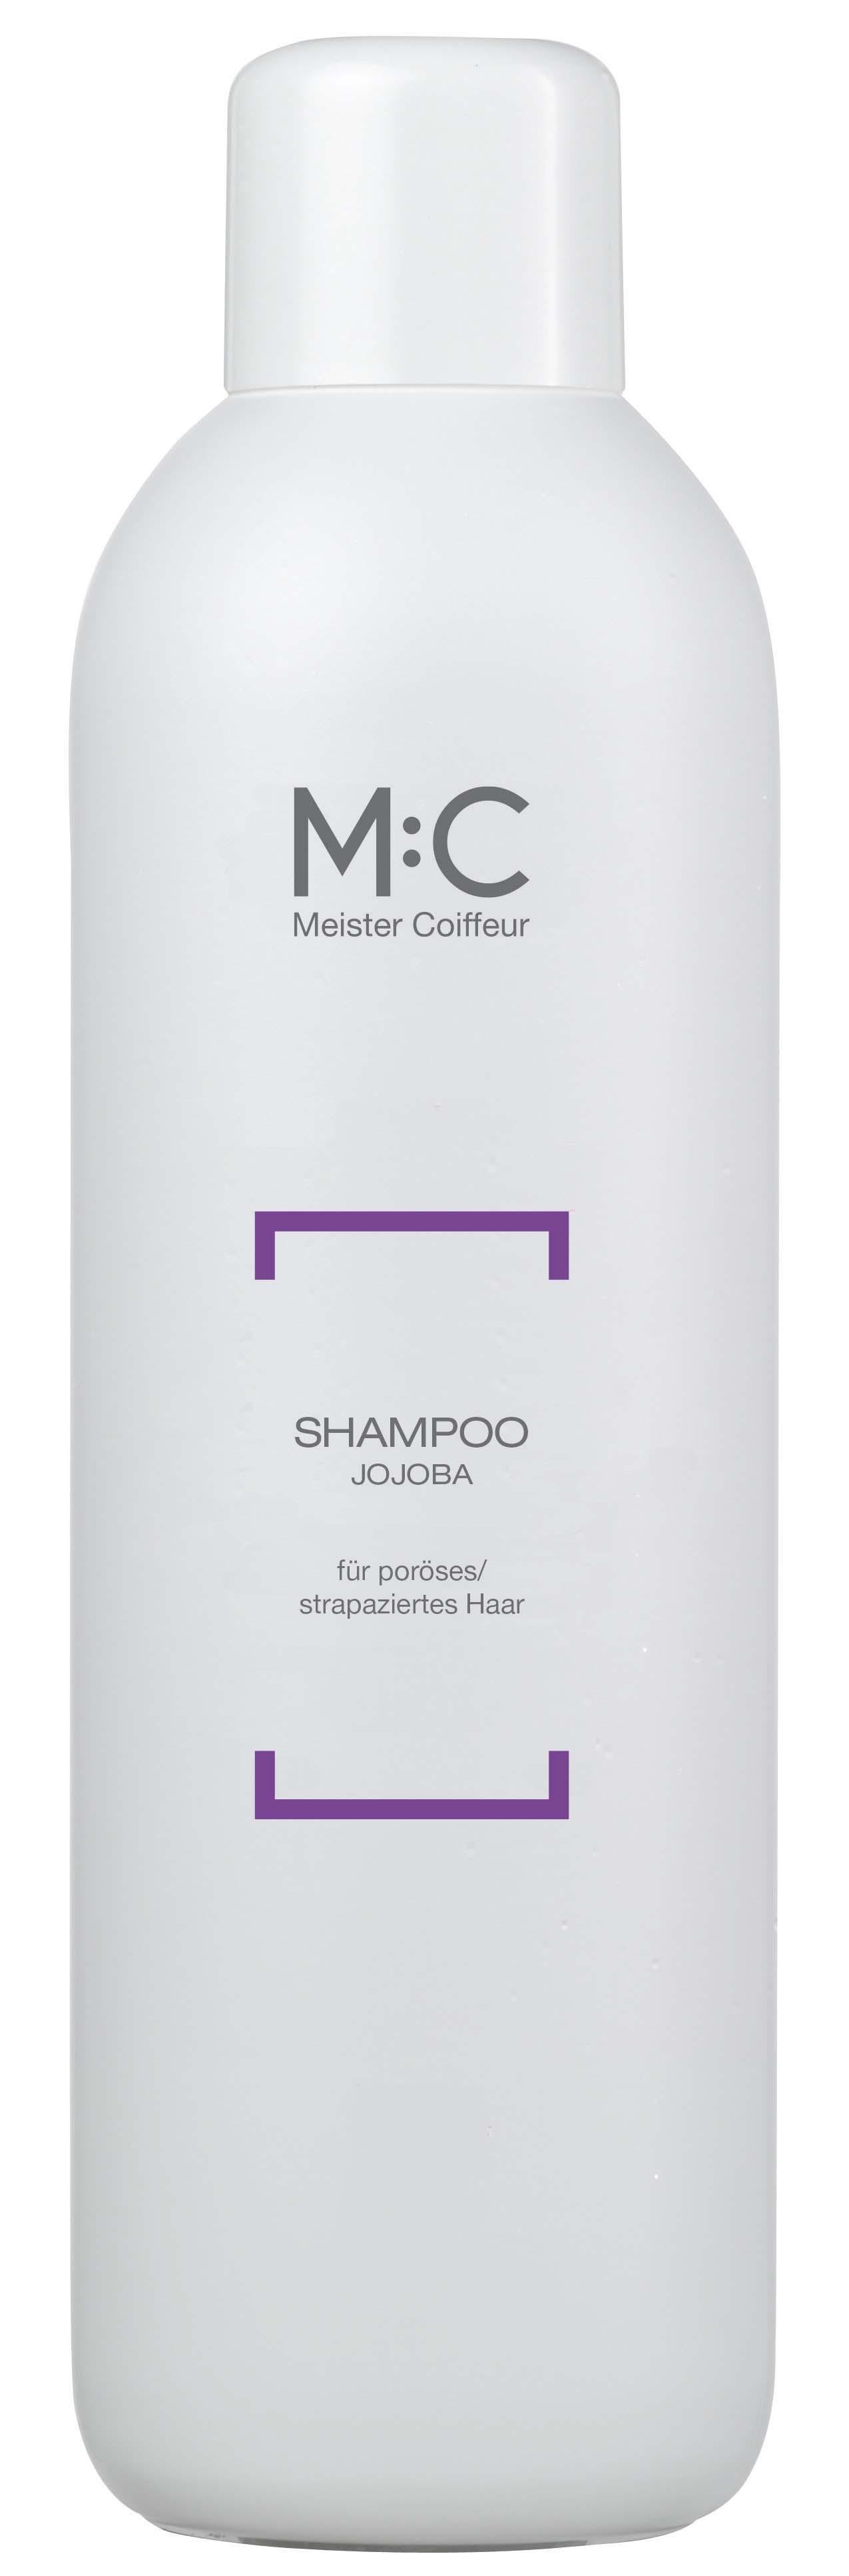 M:C Shampoo Jojoba P 1.000 ml